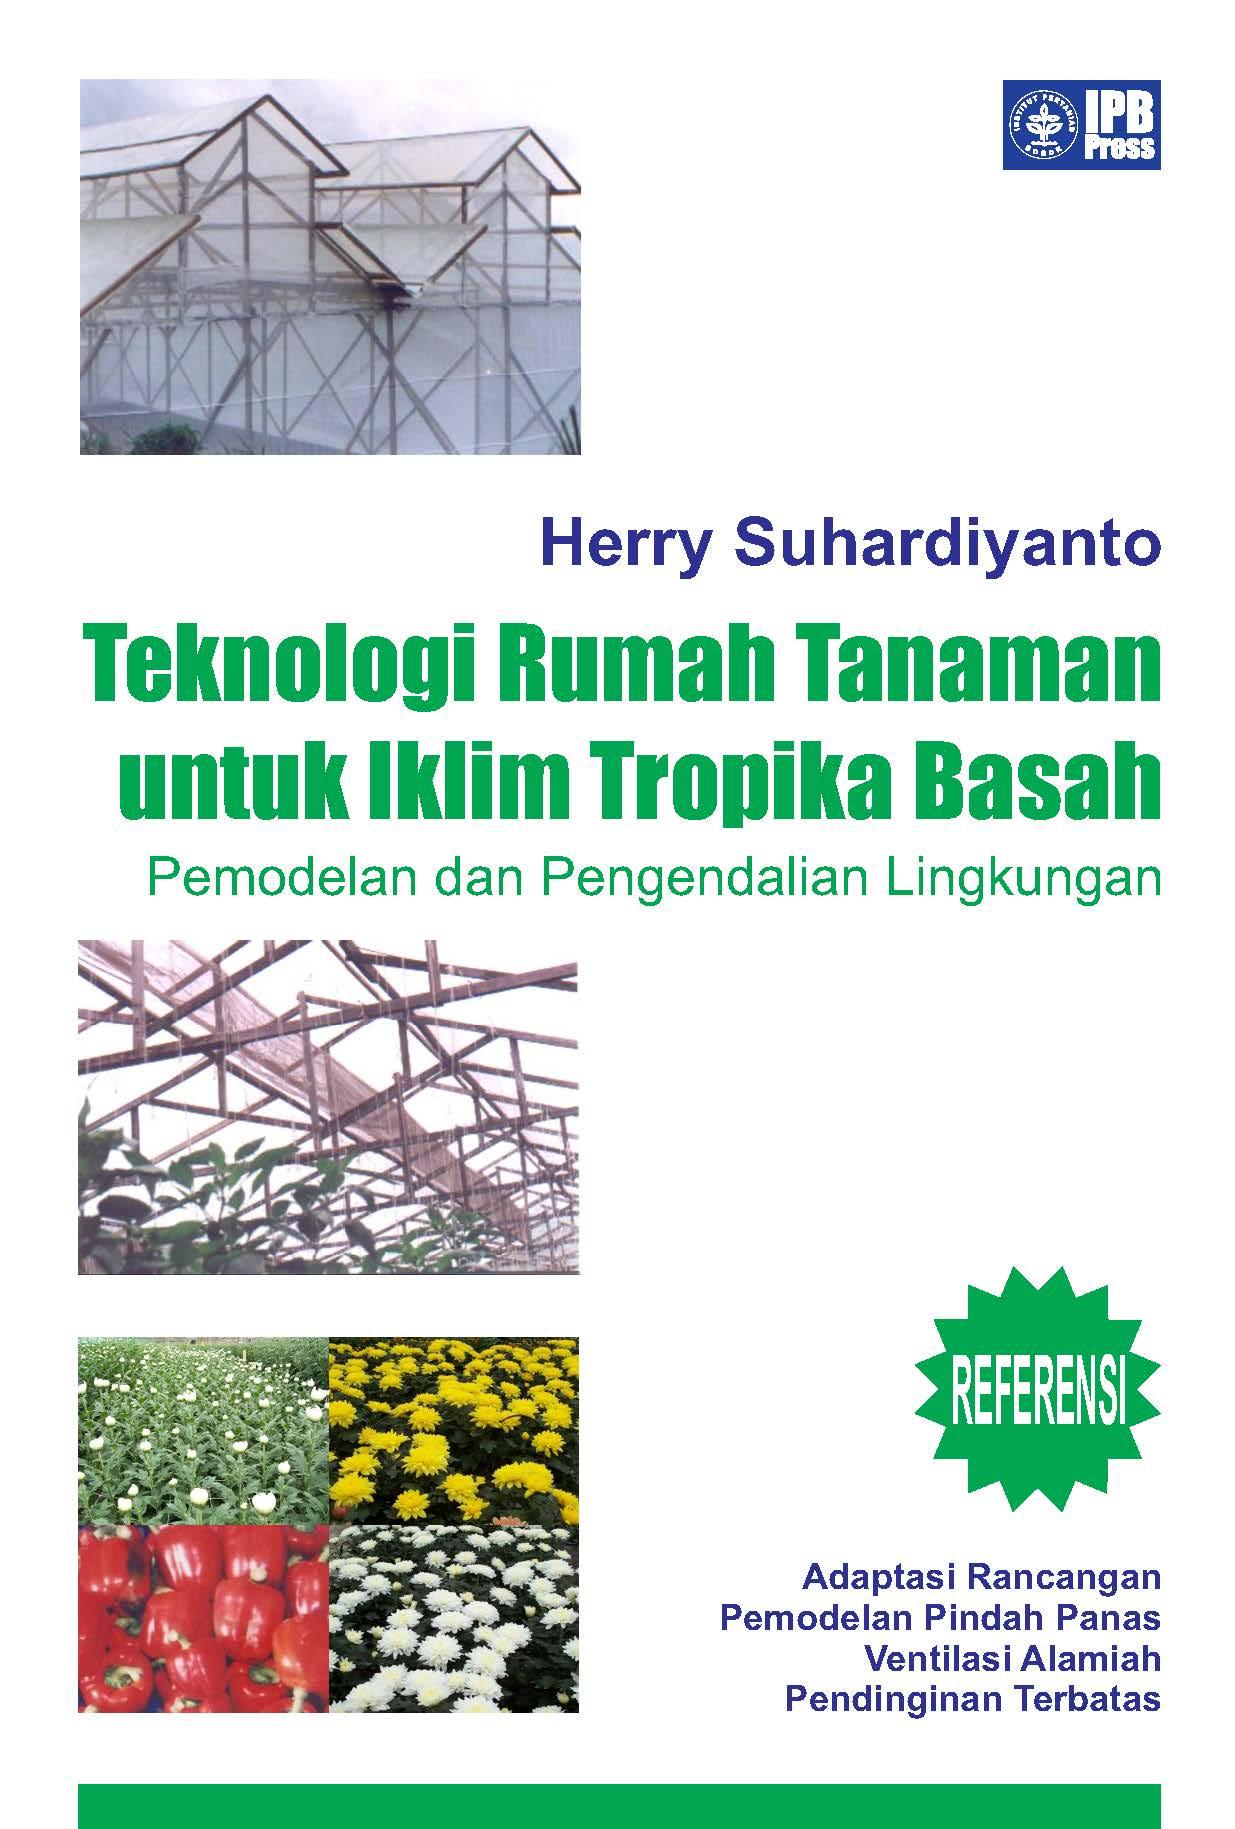 Teknologi rumah tanaman untuk iklim tropika basah : [sumber elektronis]